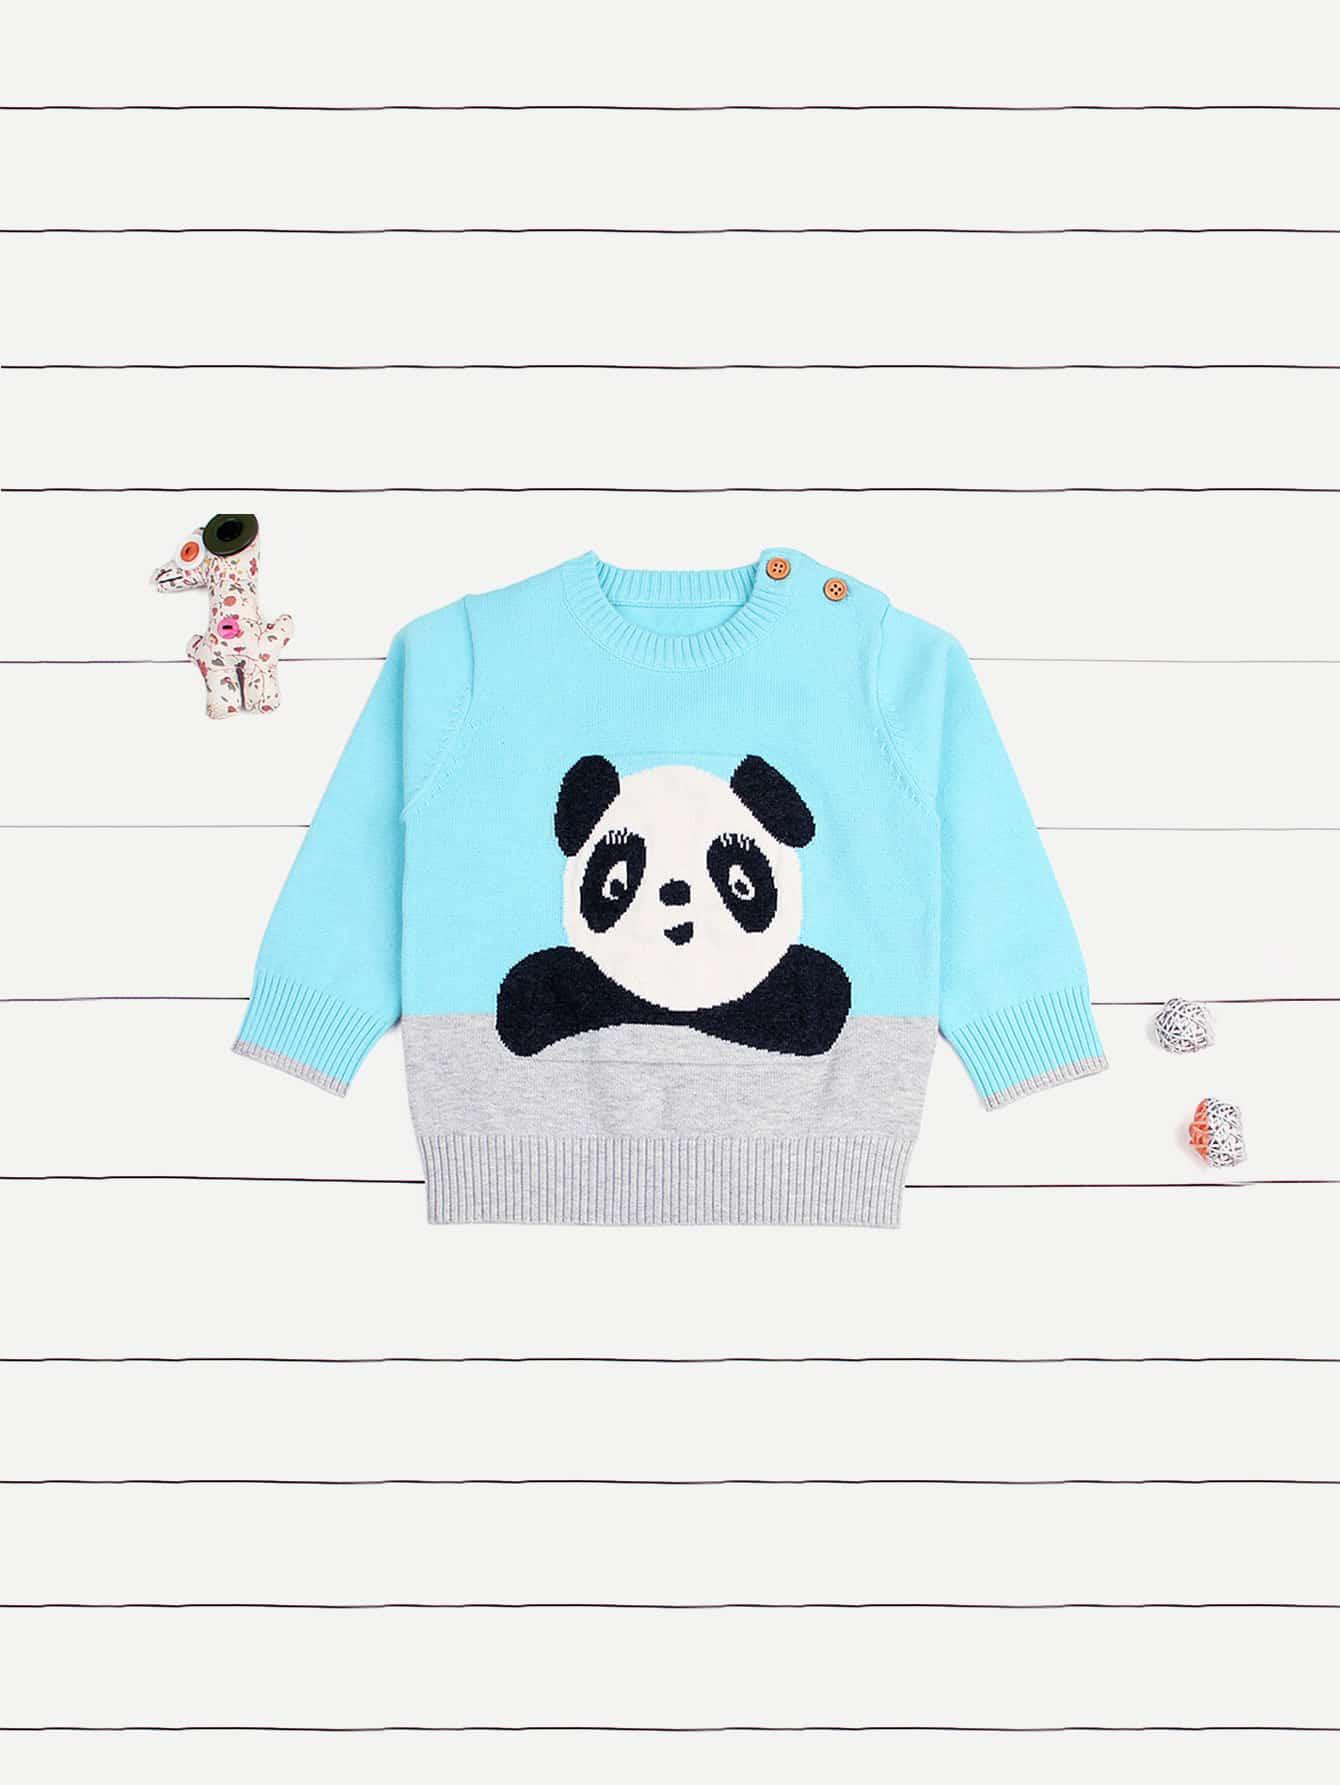 Купить Для маленьких мальчиков свитер с пандой, null, SheIn